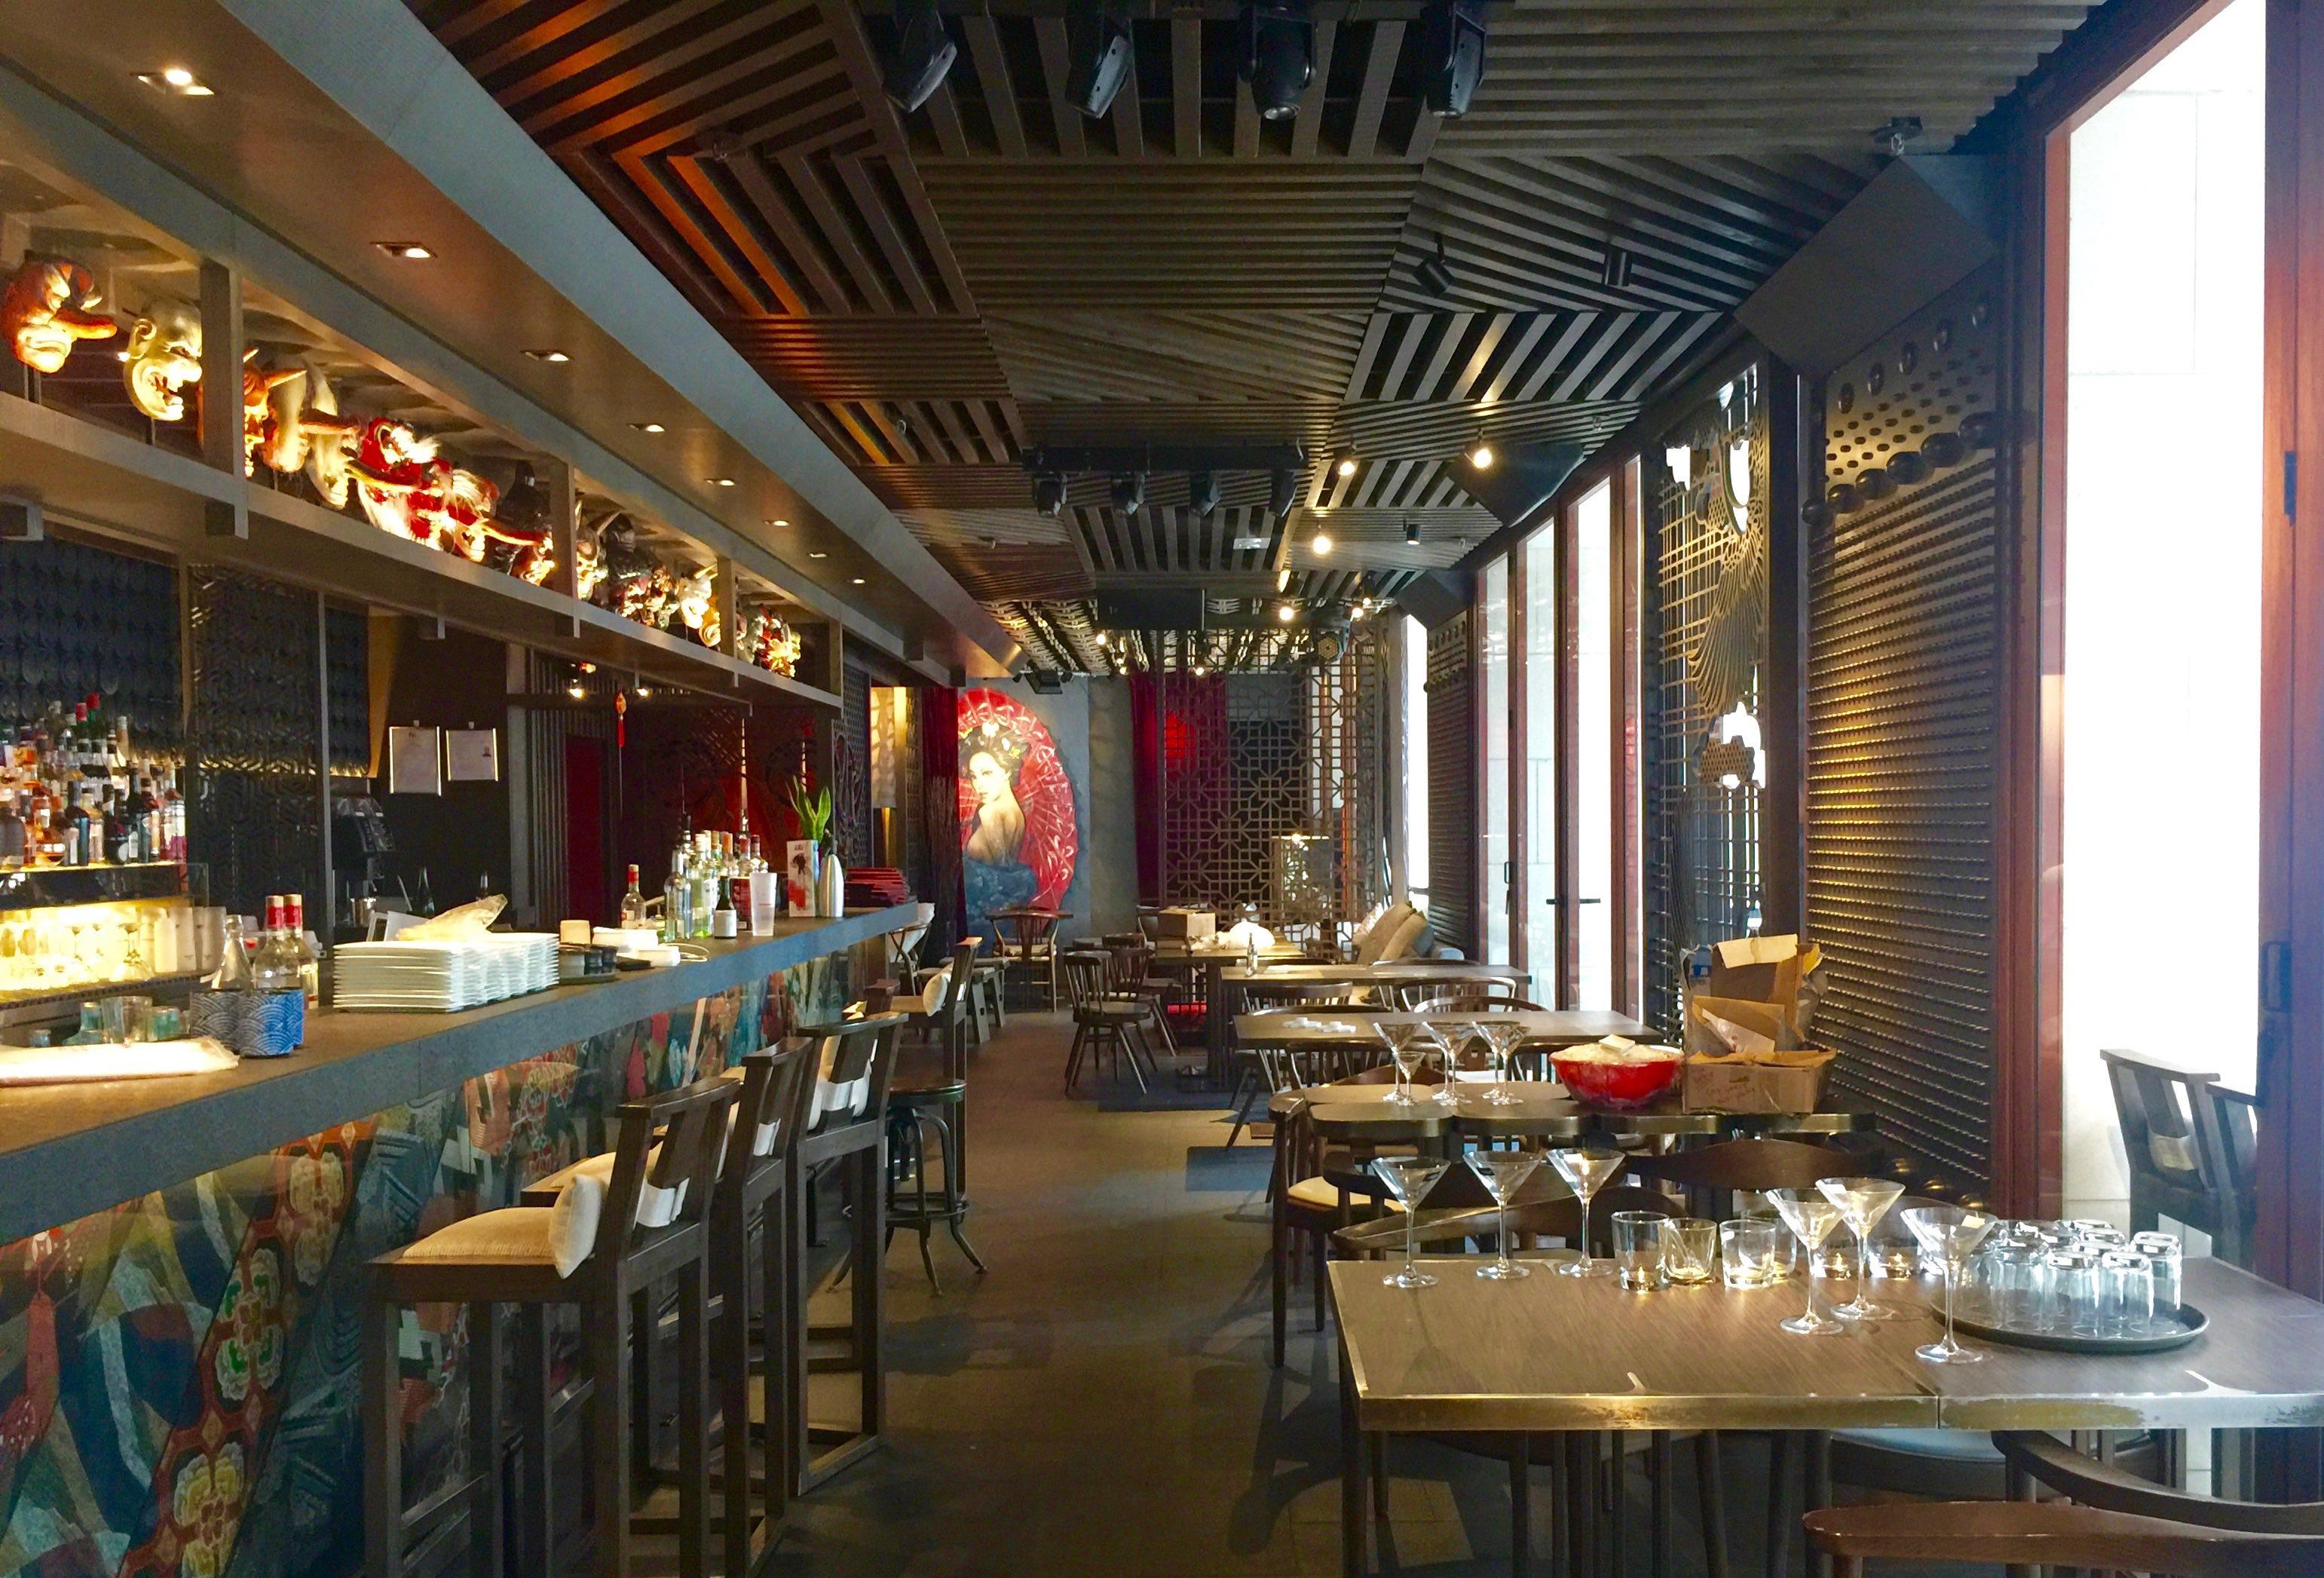 Turkey restaurant bar Central for Lease Surrender